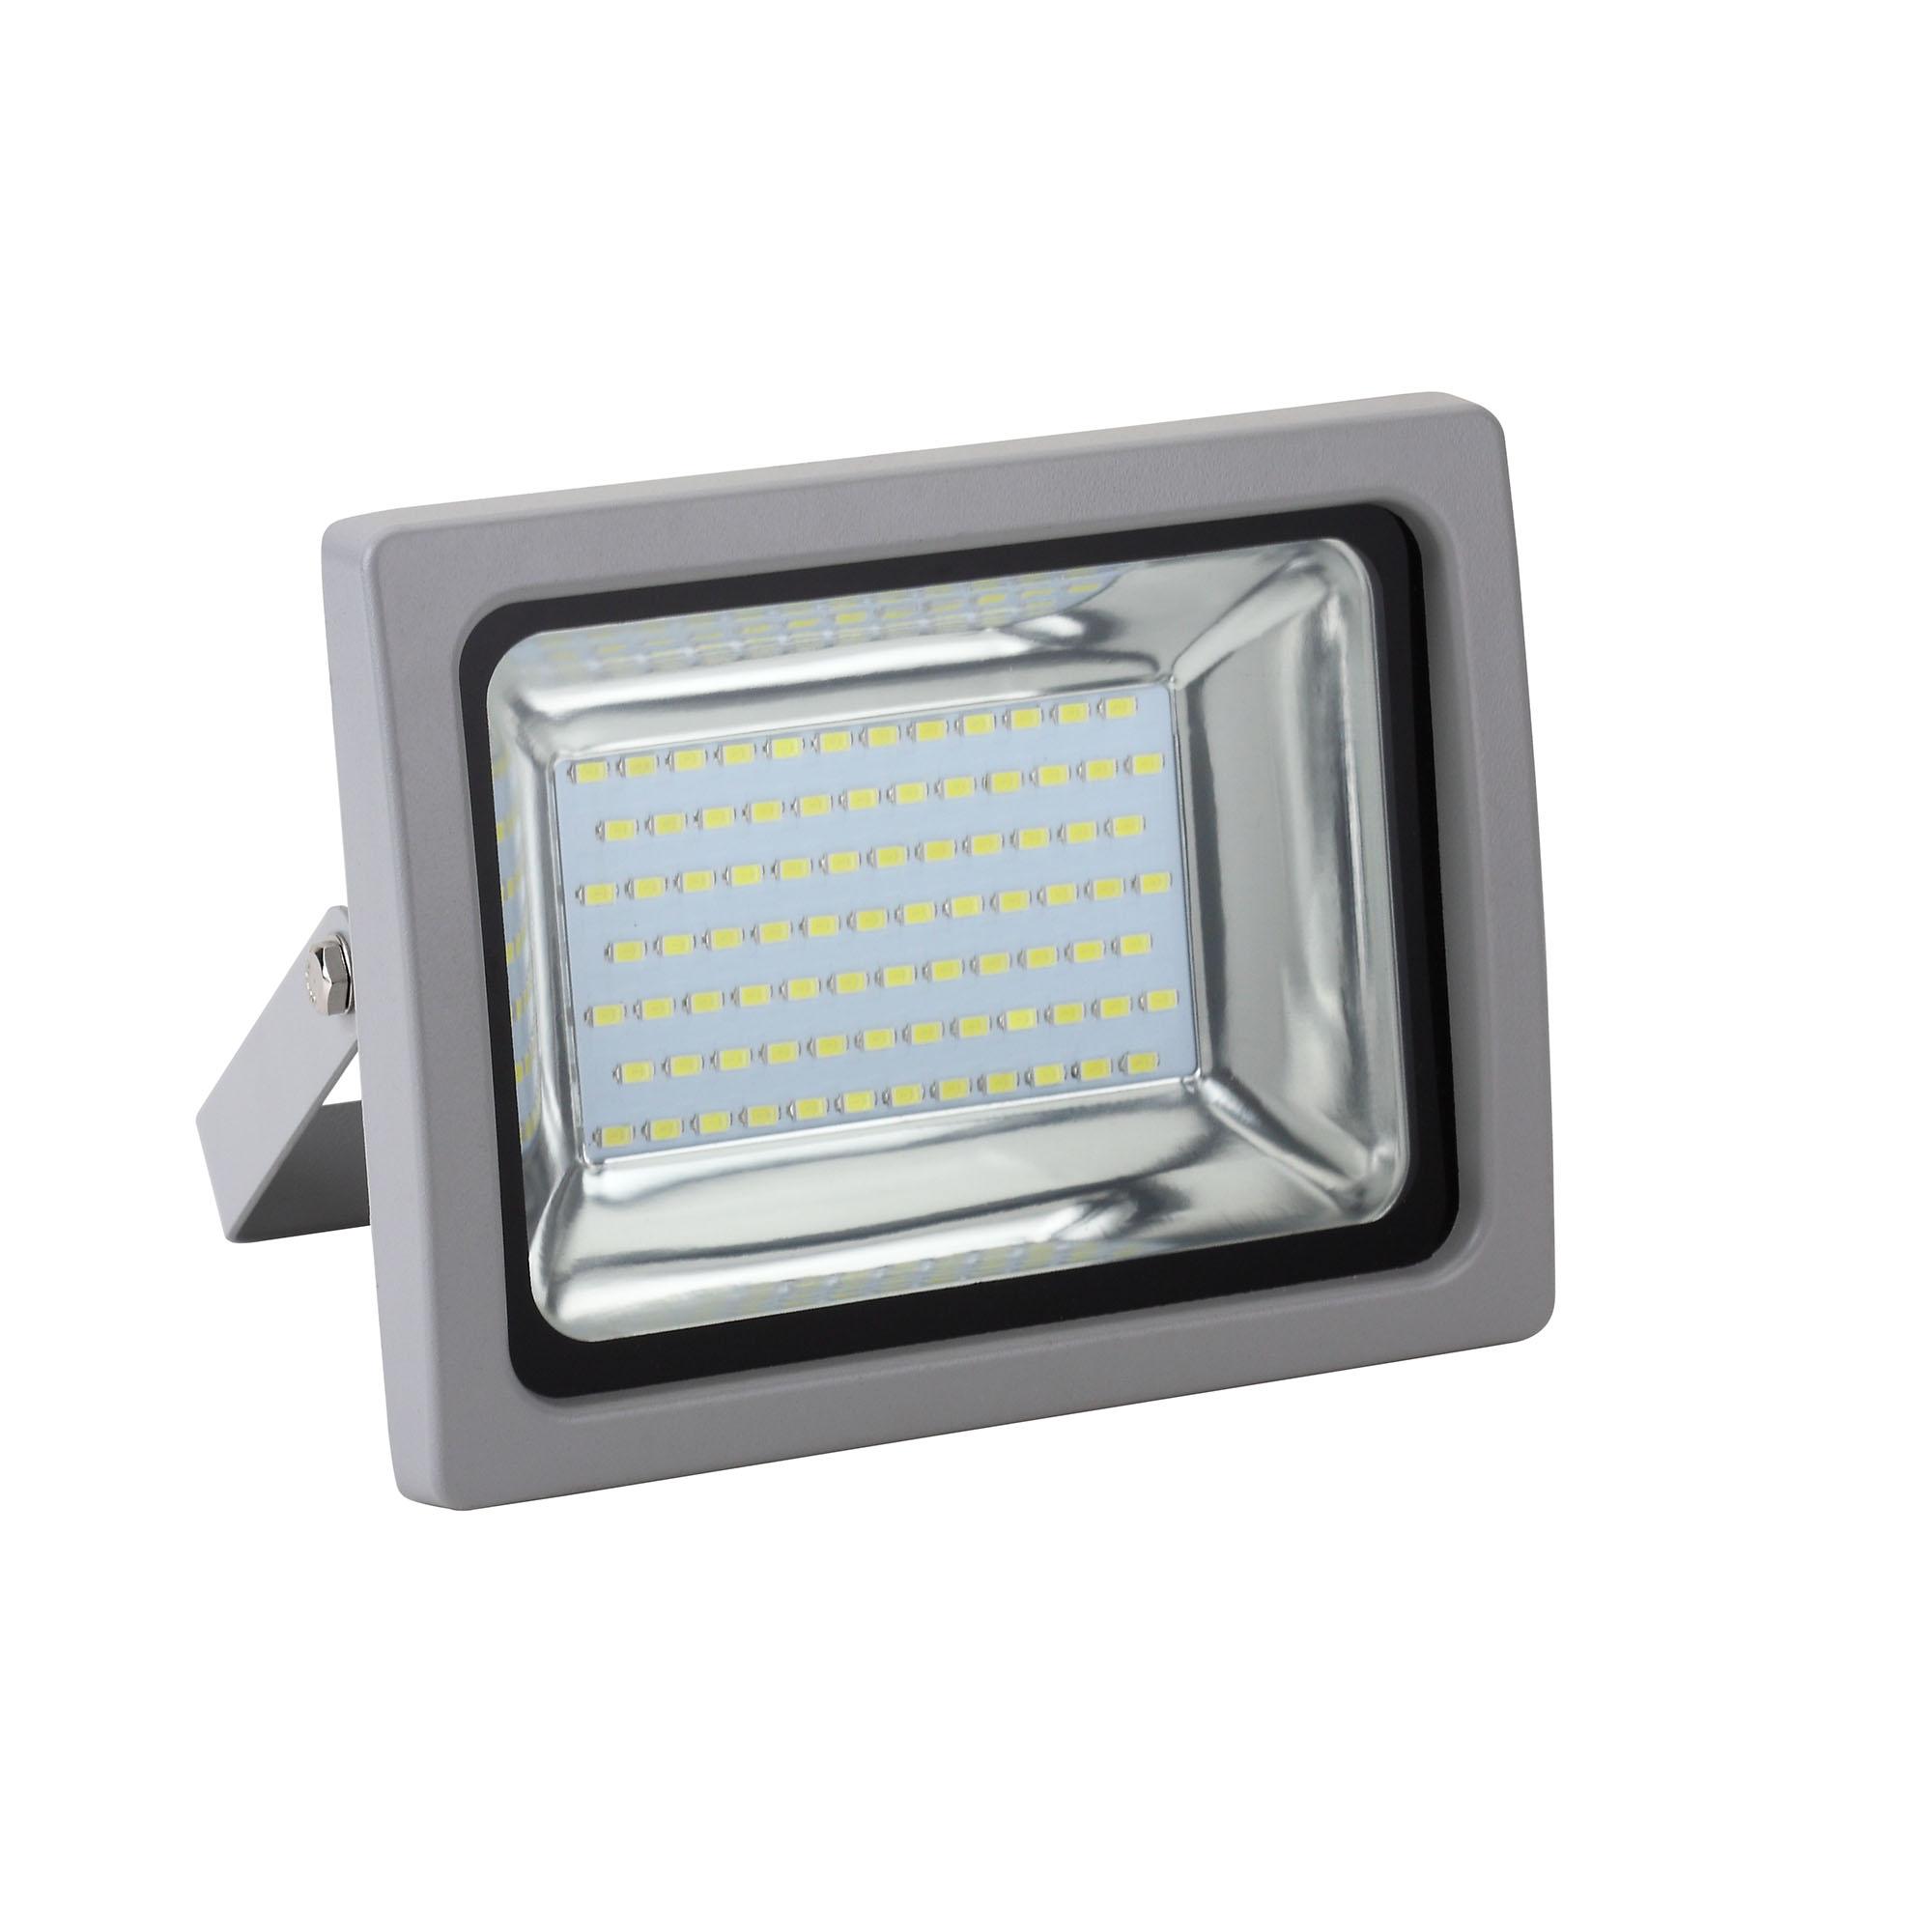 Прожектор светодиодный Uniel Ulf-s04-30w/dw uniel ulf s04 200w dw